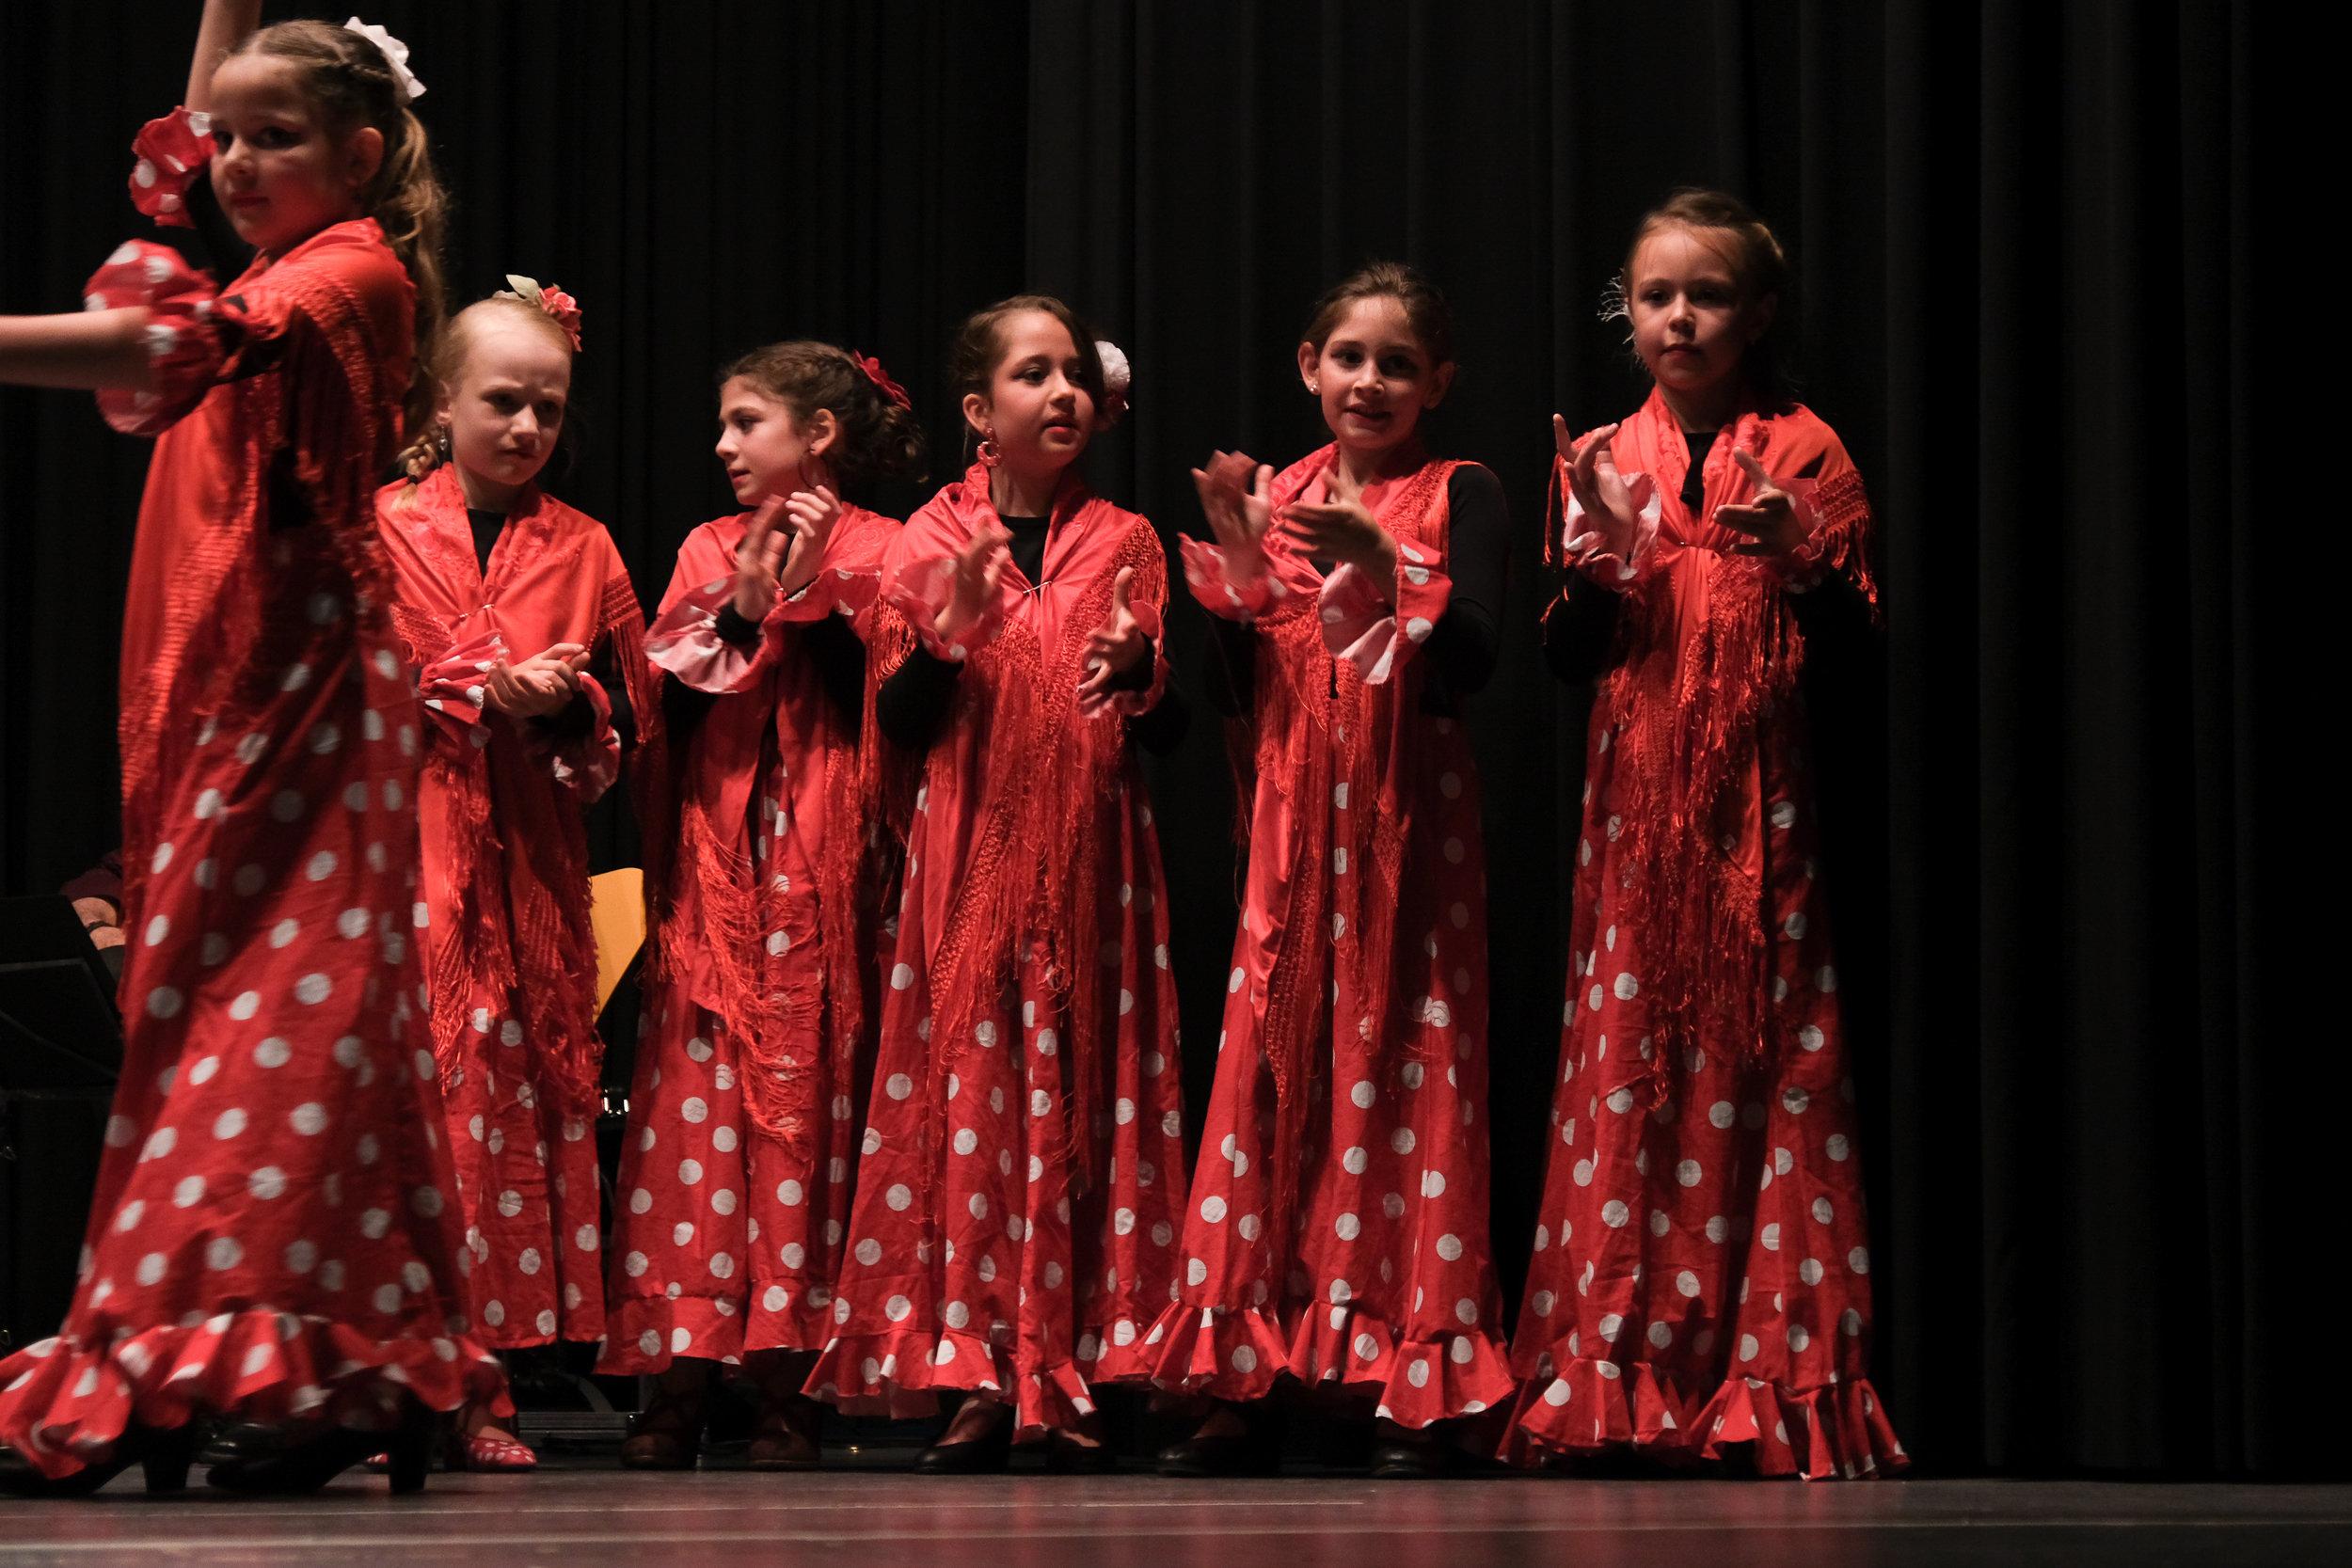 Flamencotanz für Kinder & Jugendliche - WINTERTHURMi 17.00-18.00 (ab 7 Jahre)Do 17.00 - 18.00 (ab 9 Jahre)Sa 10.00-11.00 (ab 7 Jahre)Sa 11.00-12.00 (ab 12 Jahre)